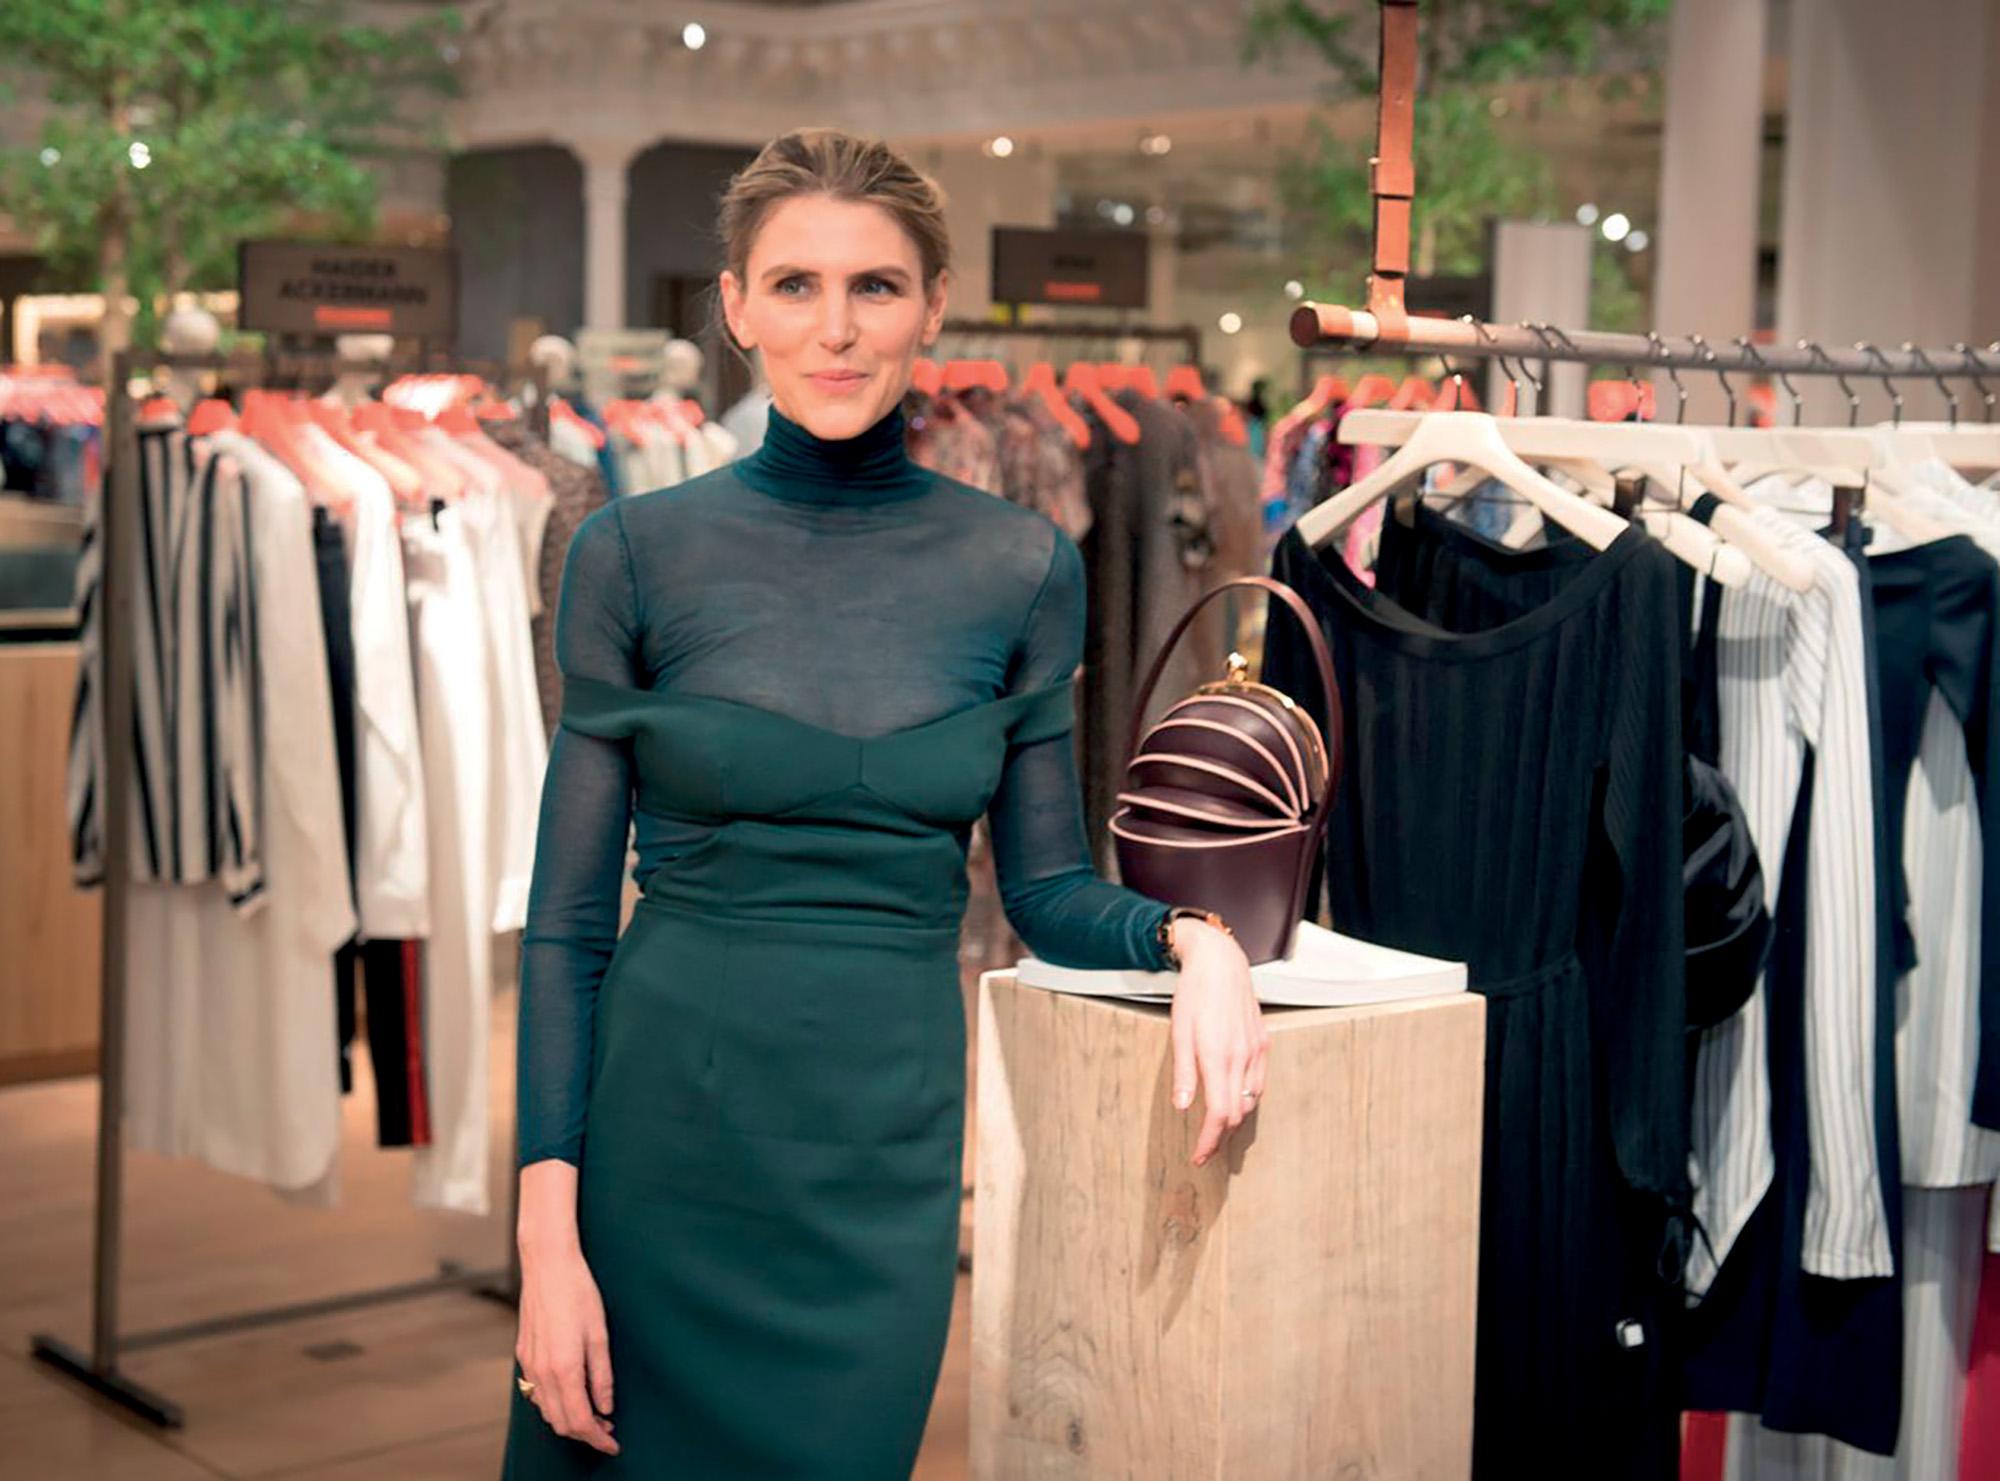 thời trang bền vững - thương hiệu chấm dứt sản xuất dư thừa